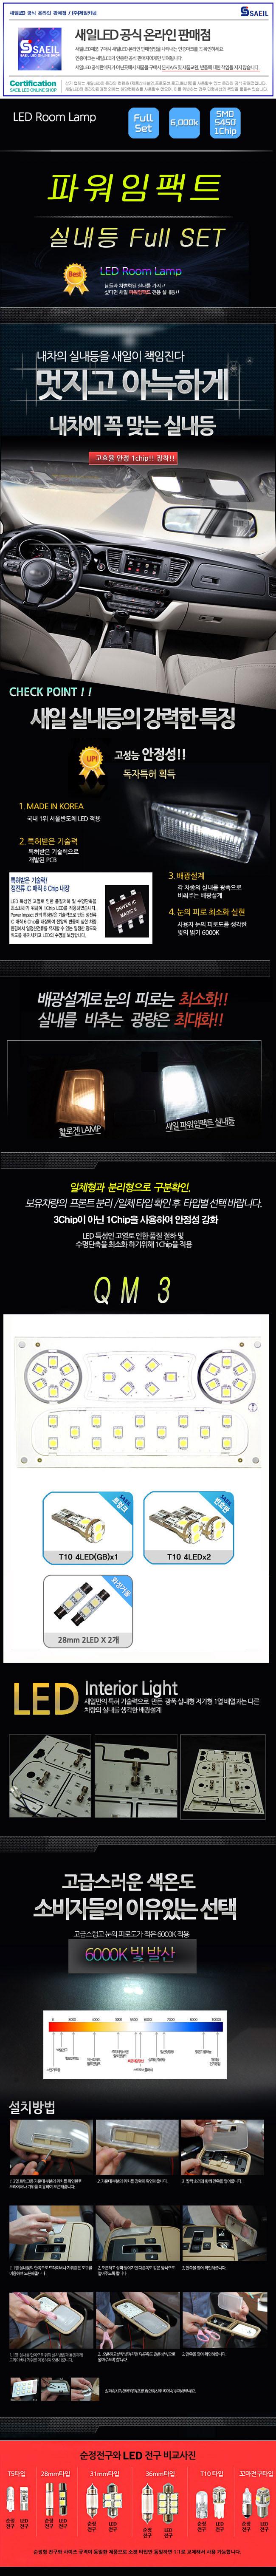 [파워임팩트] 새일 LED실내등 고급형 풀세트 _ QM3